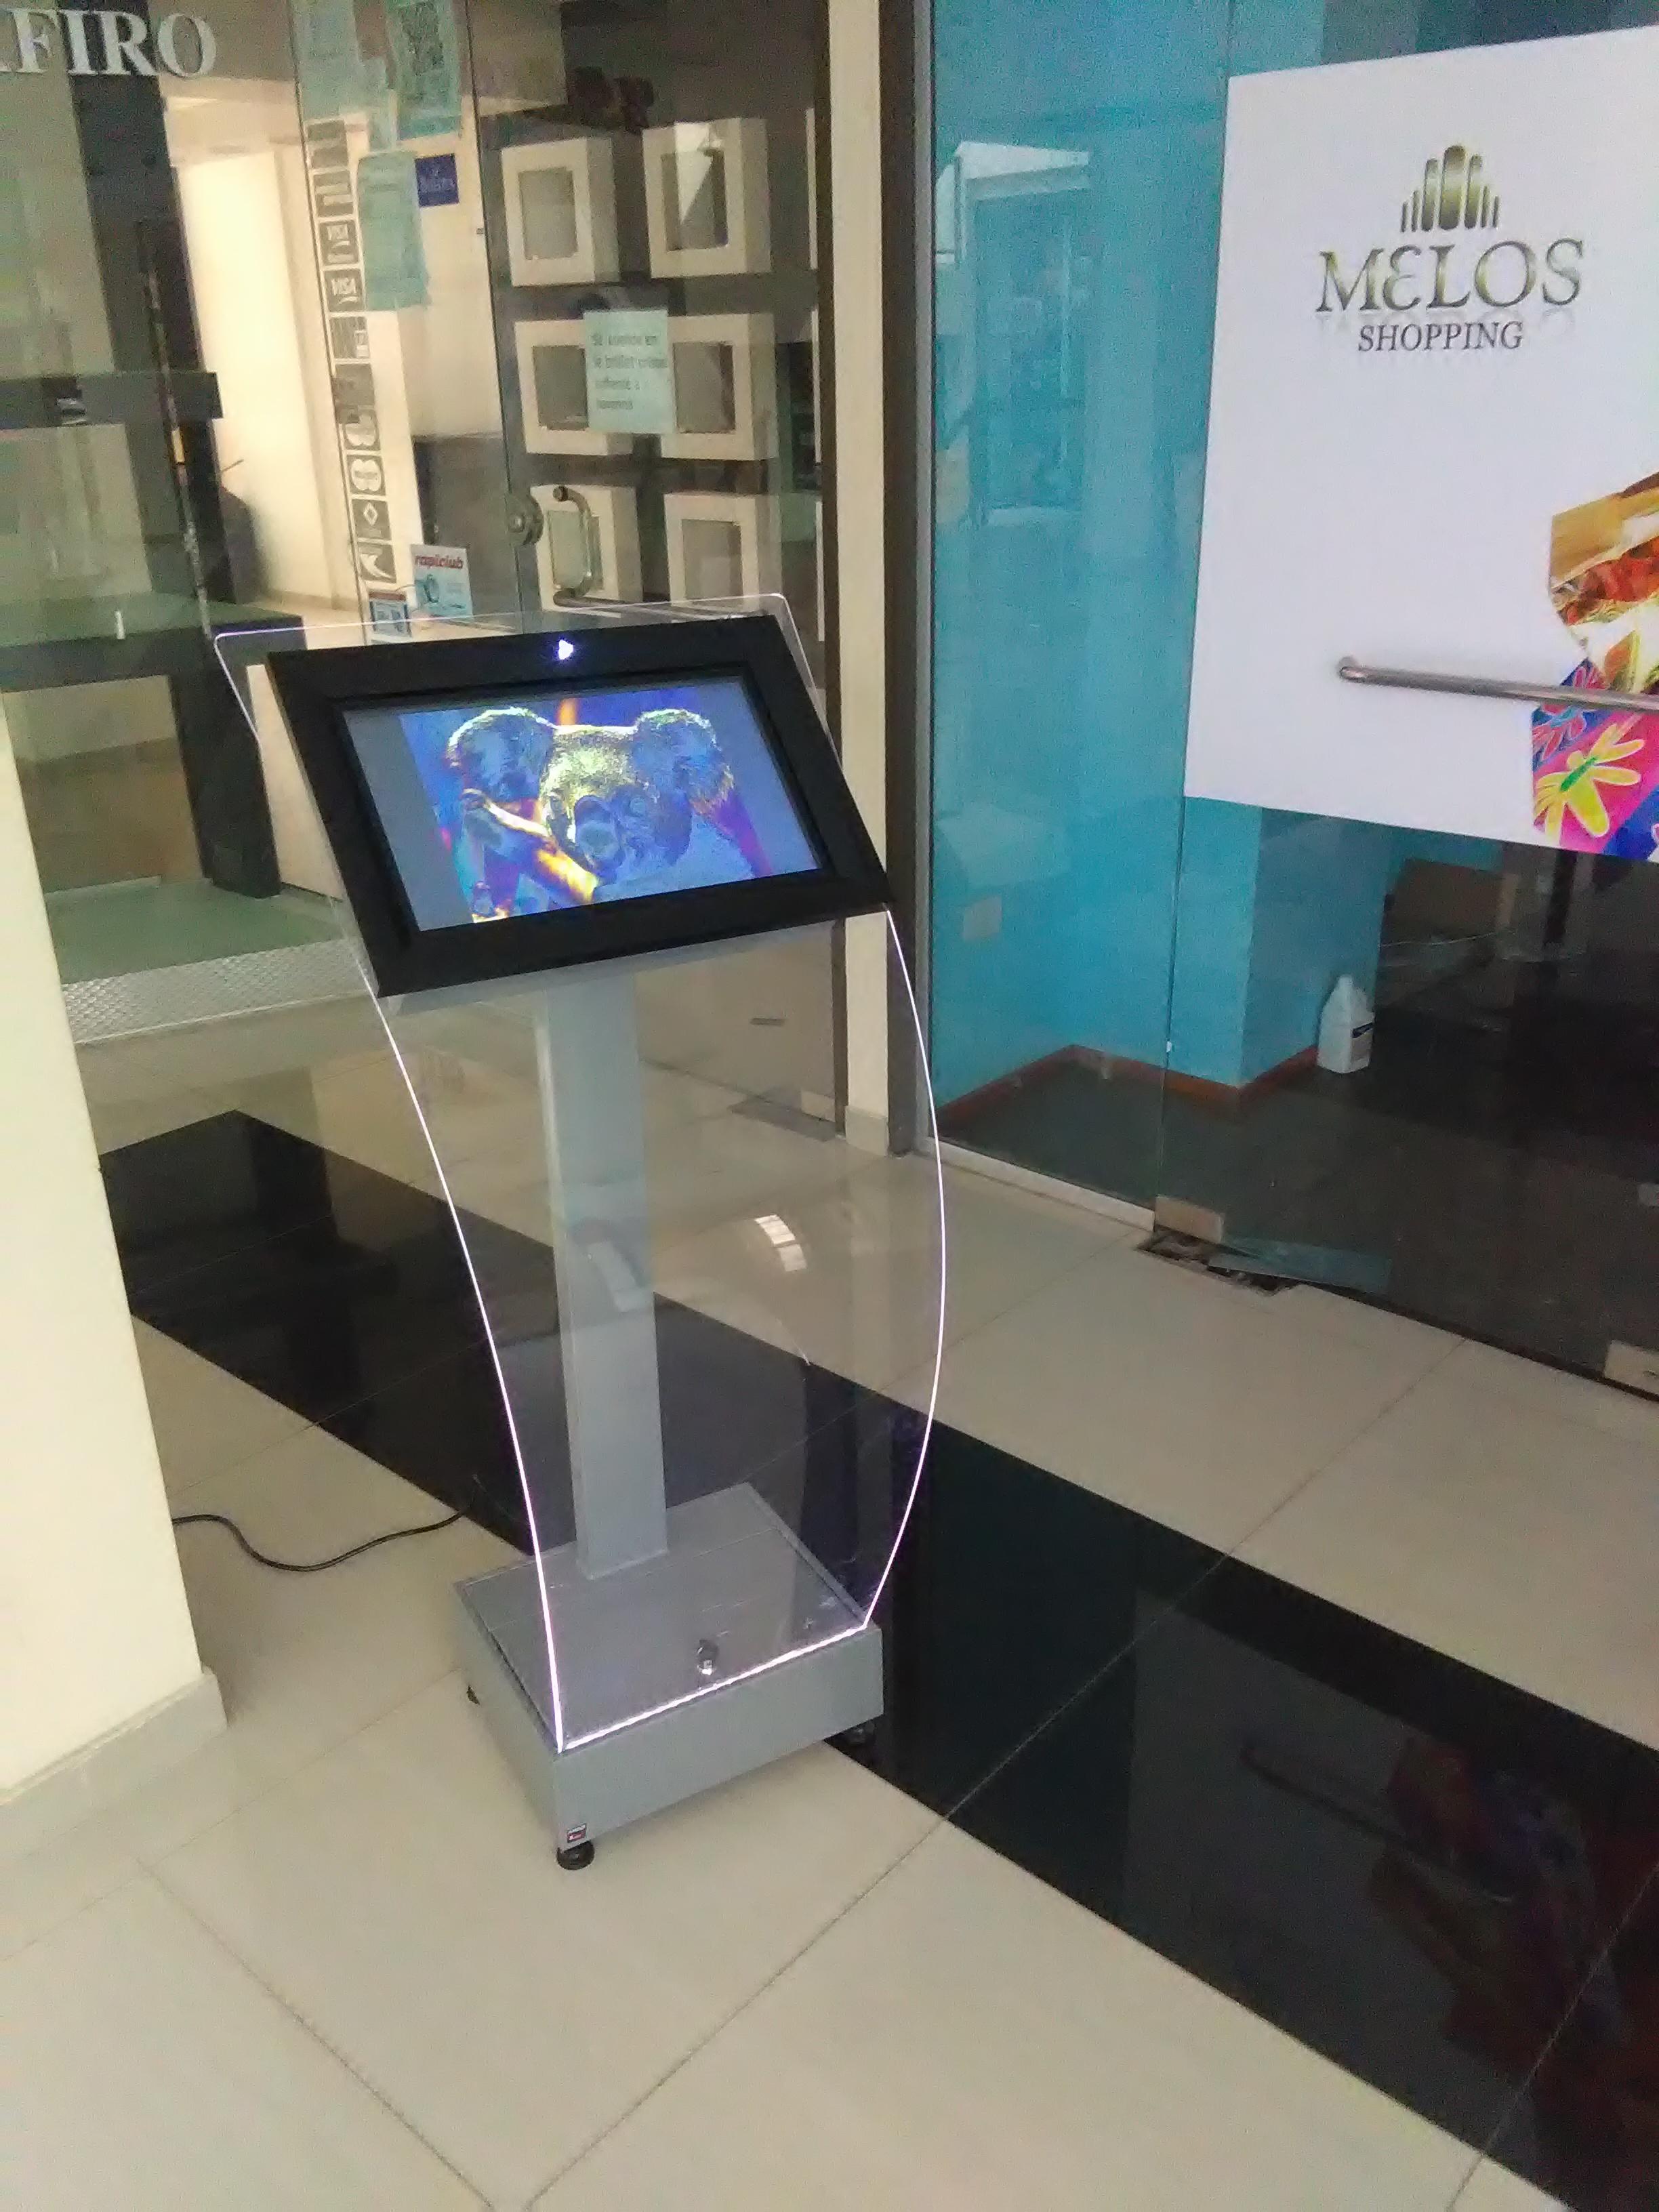 Kiosco modelo acrilico